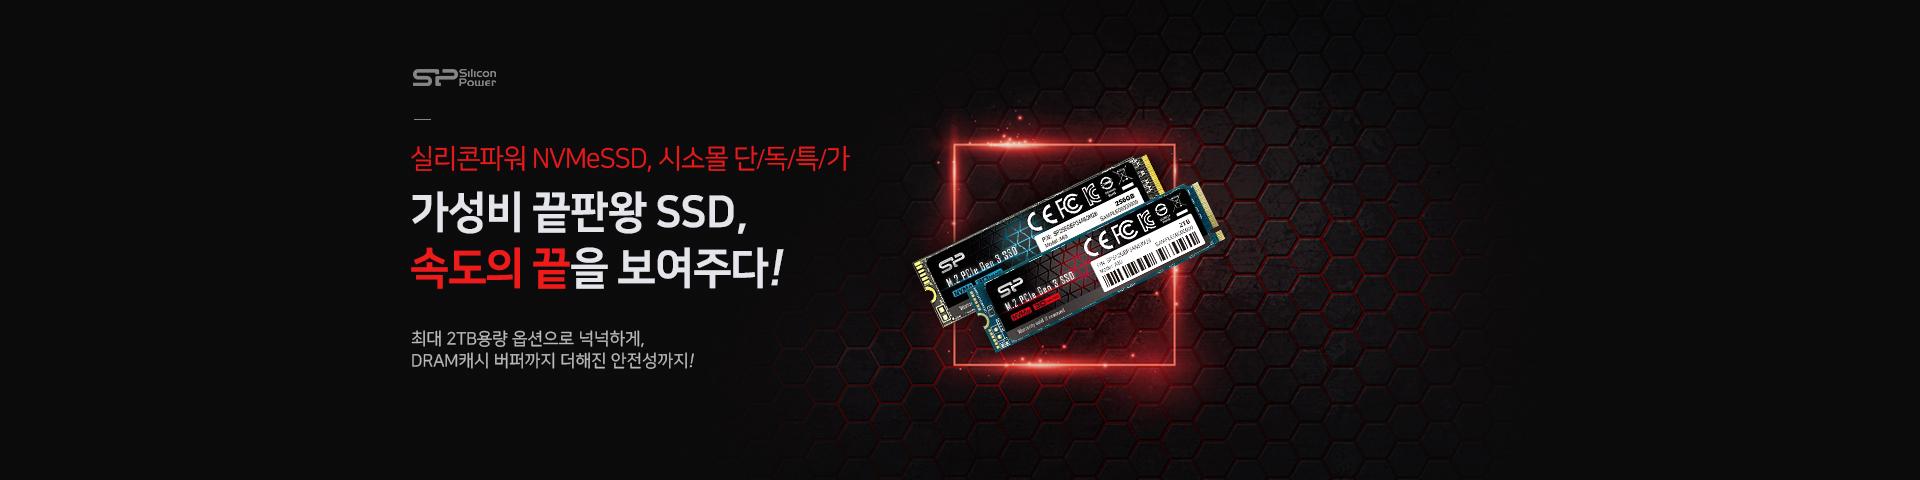 [실리콘파워] NVMe SSD 시소몰단독특가